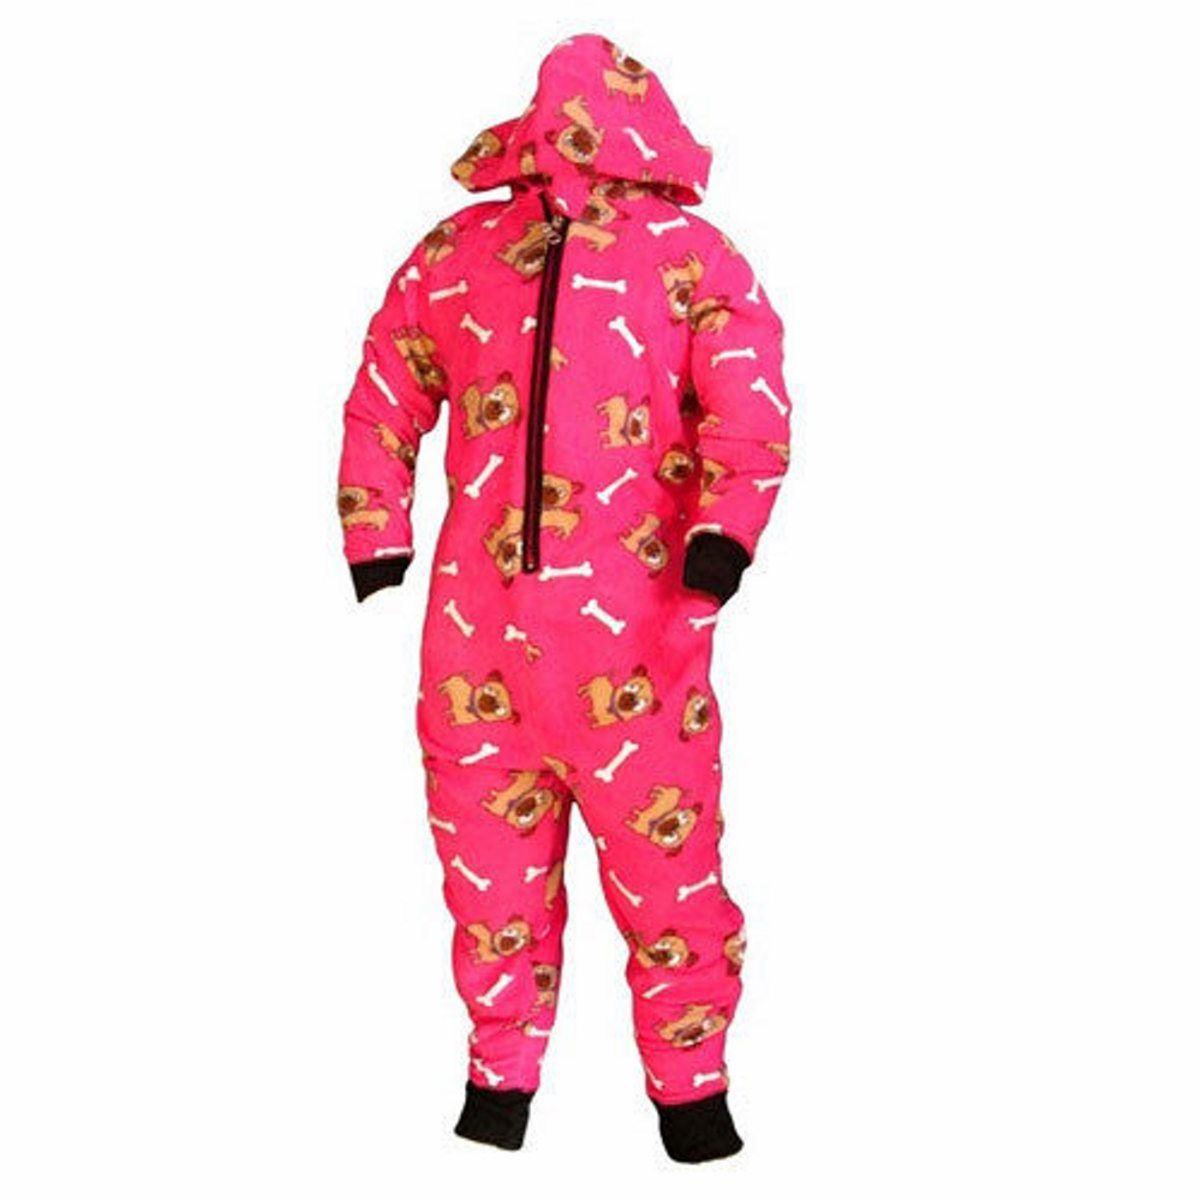 Girls Pyjamas All In One Pajamas Age 3 4 Ebay